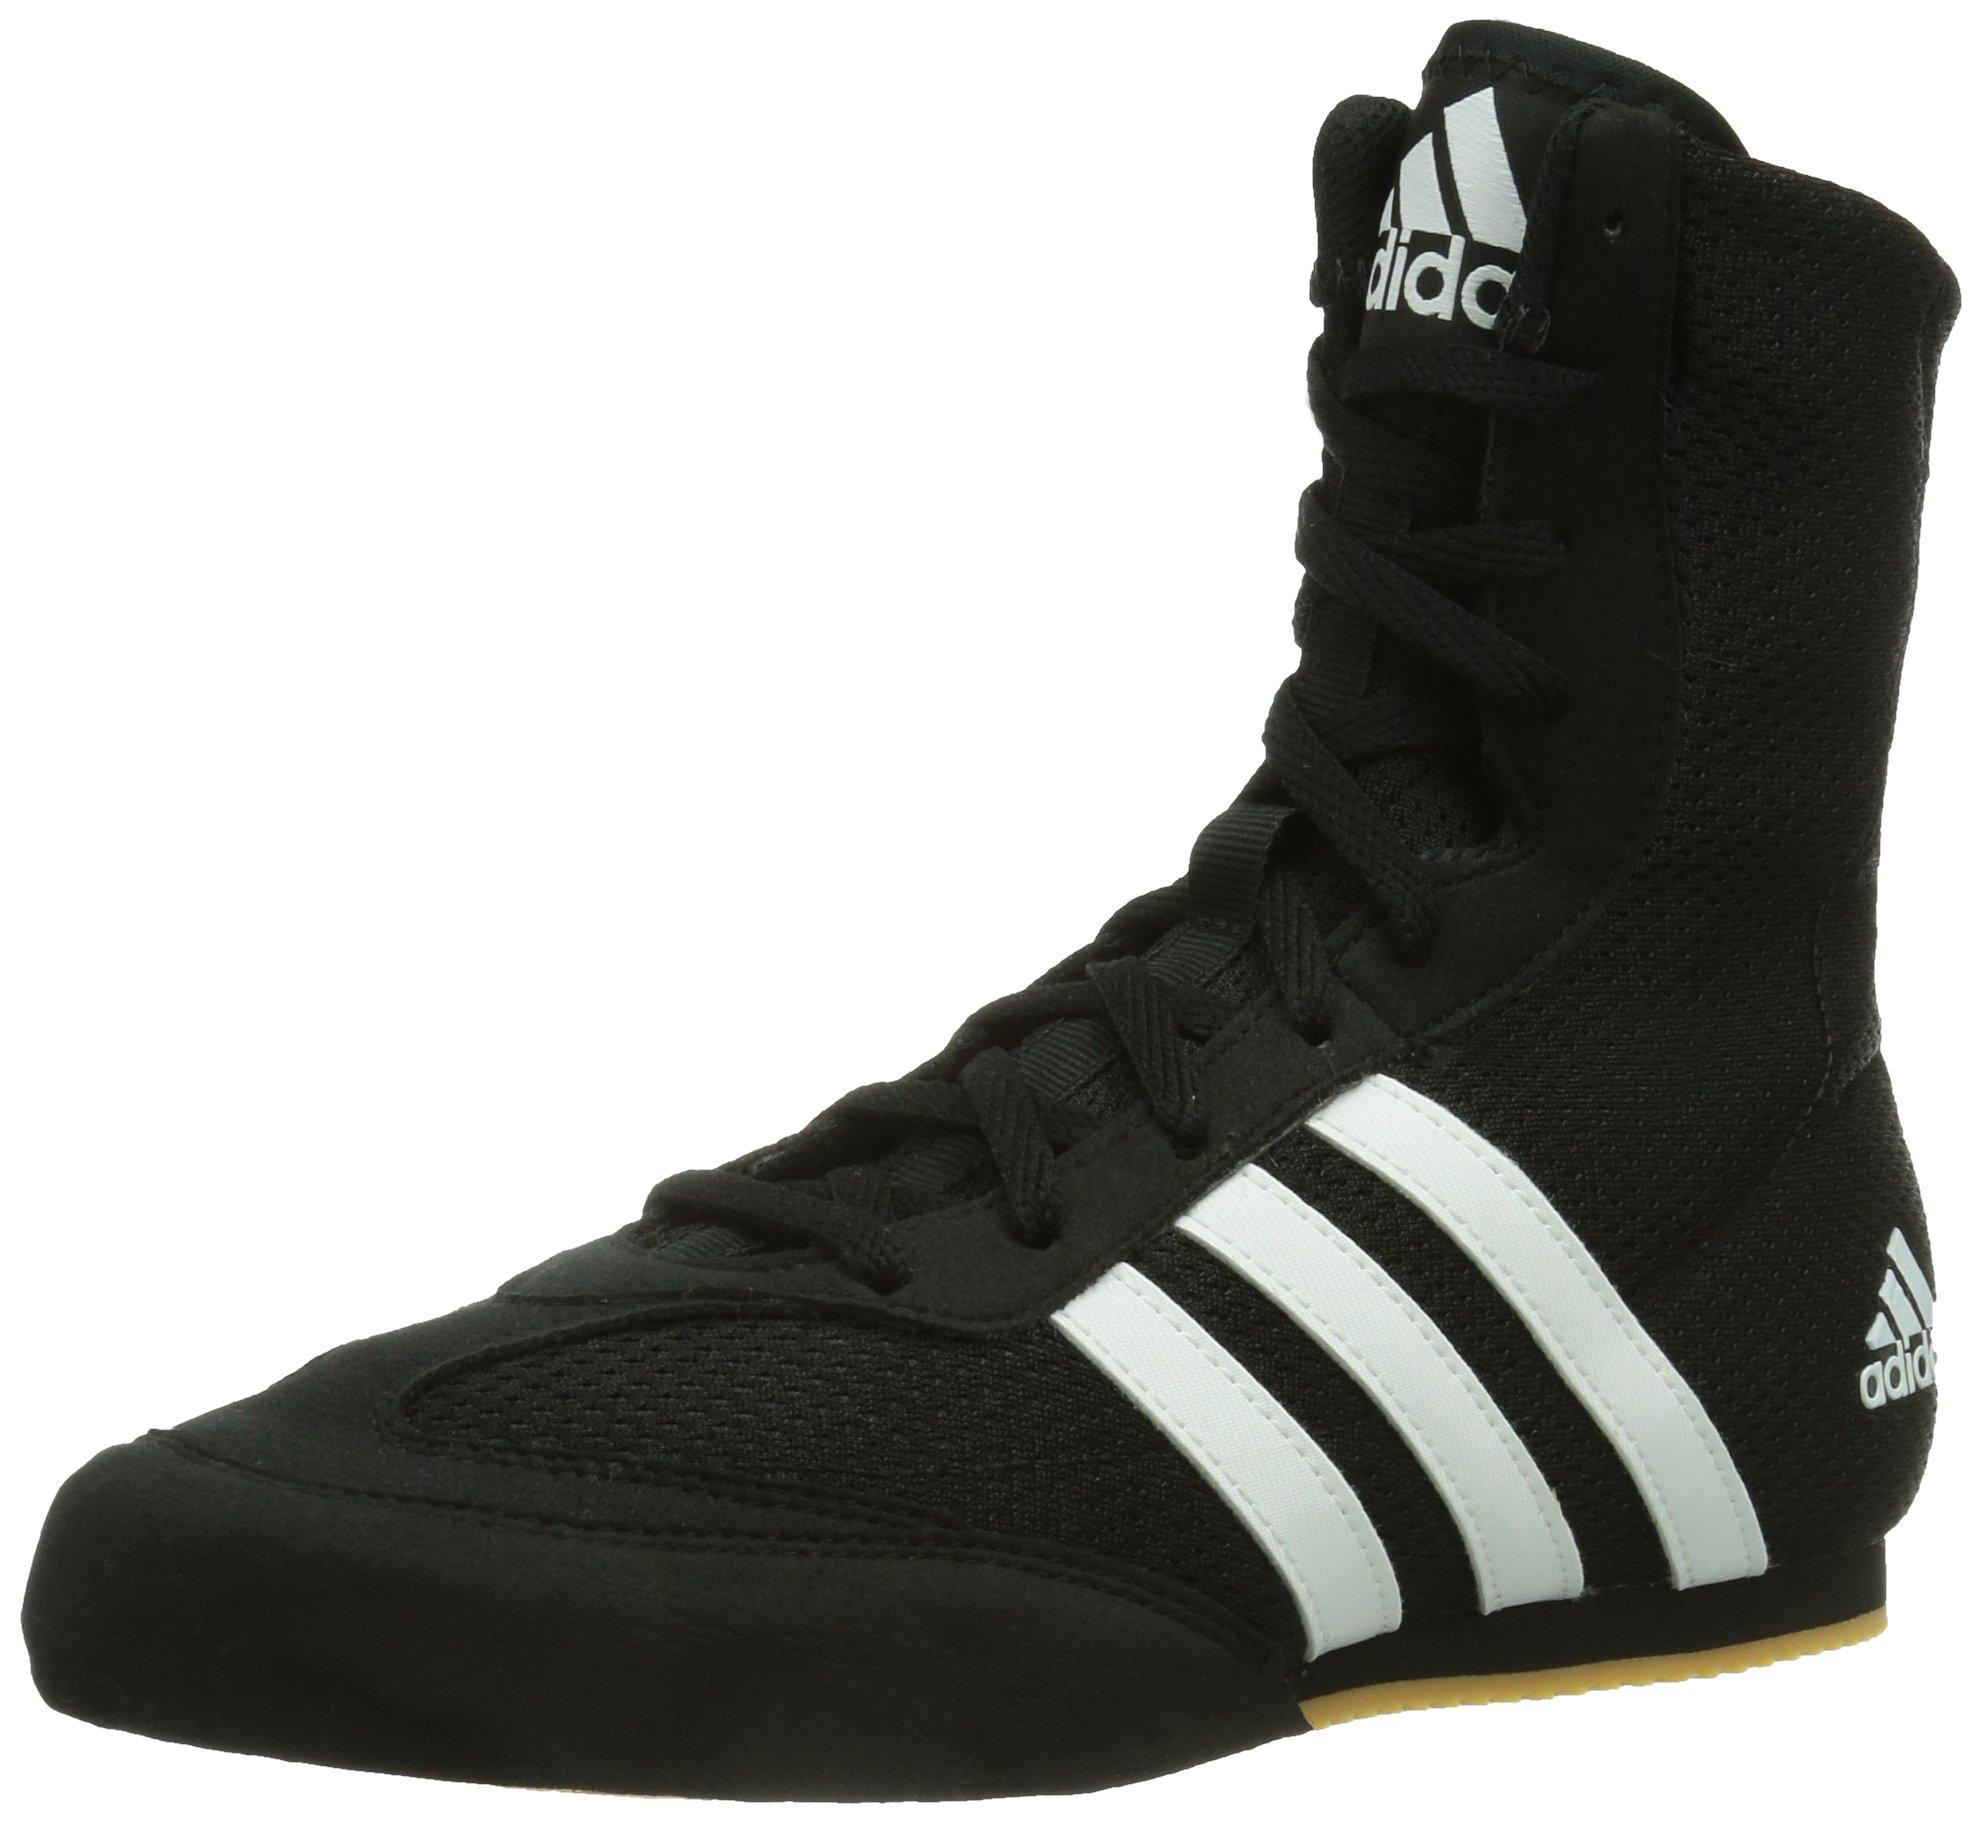 2Uni Boxschuhe Box Hog Adidas Boxschuh kwOPn0